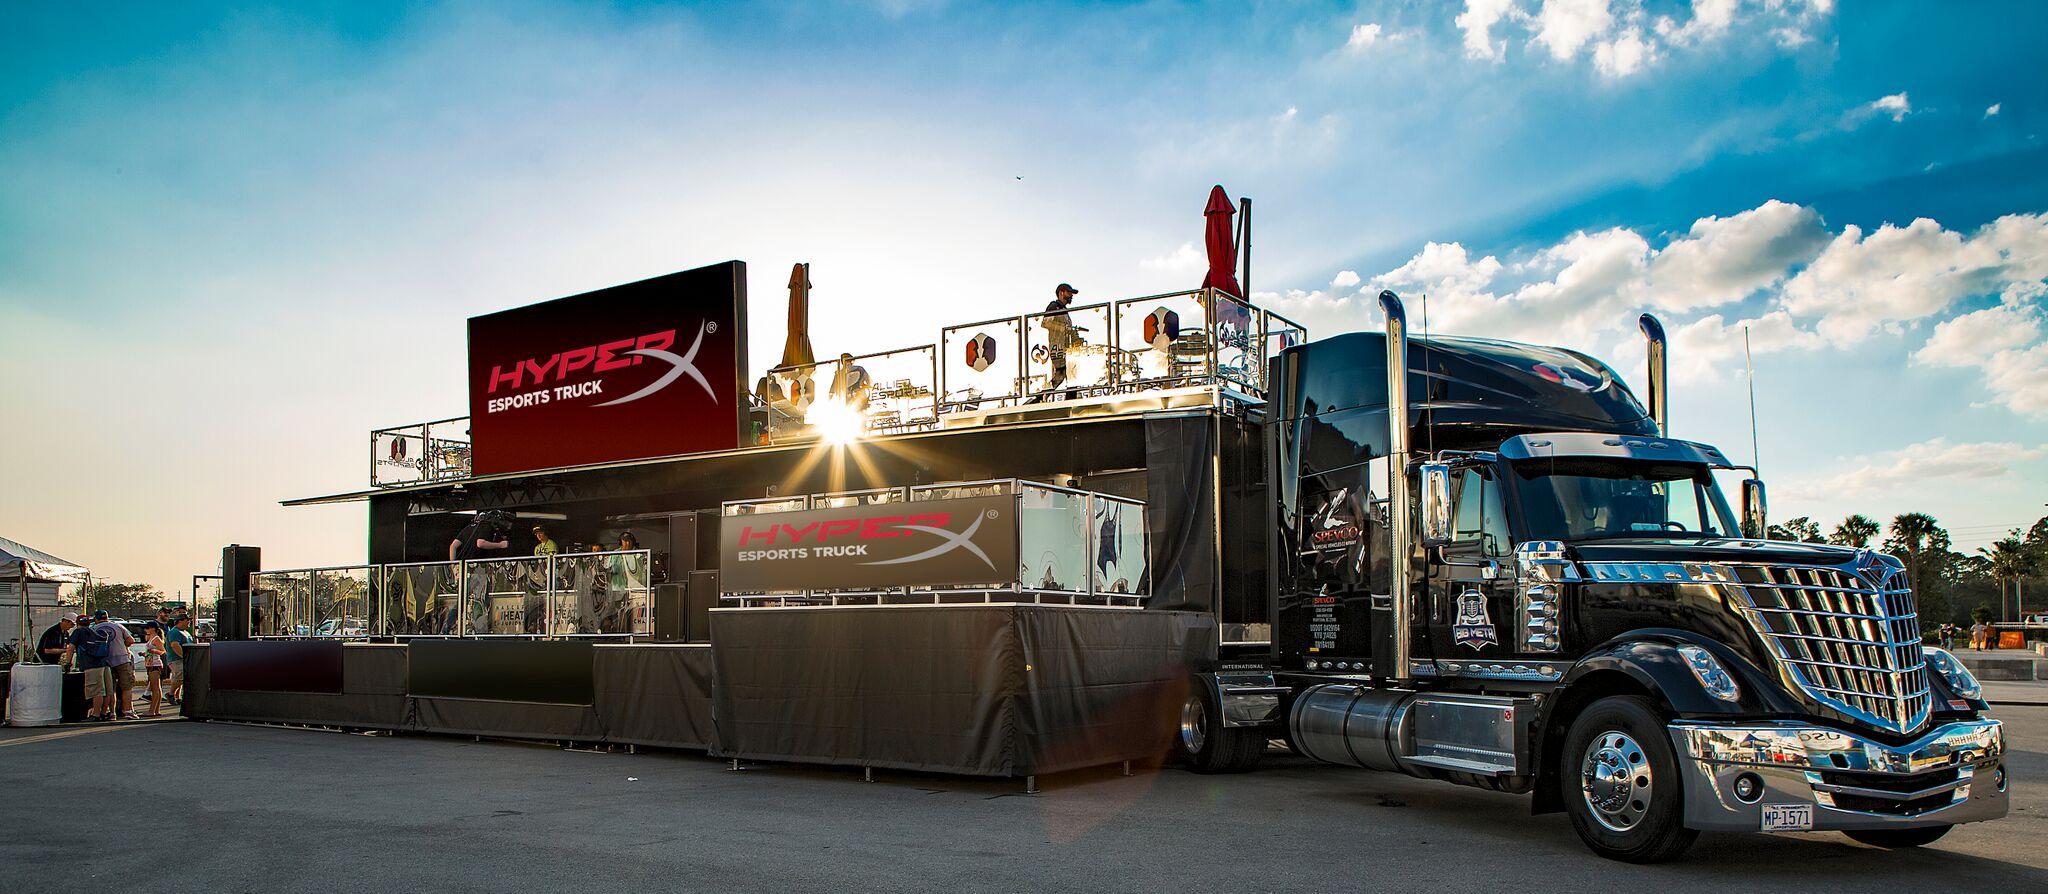 HyperX presenta el HyperX Esports Truck